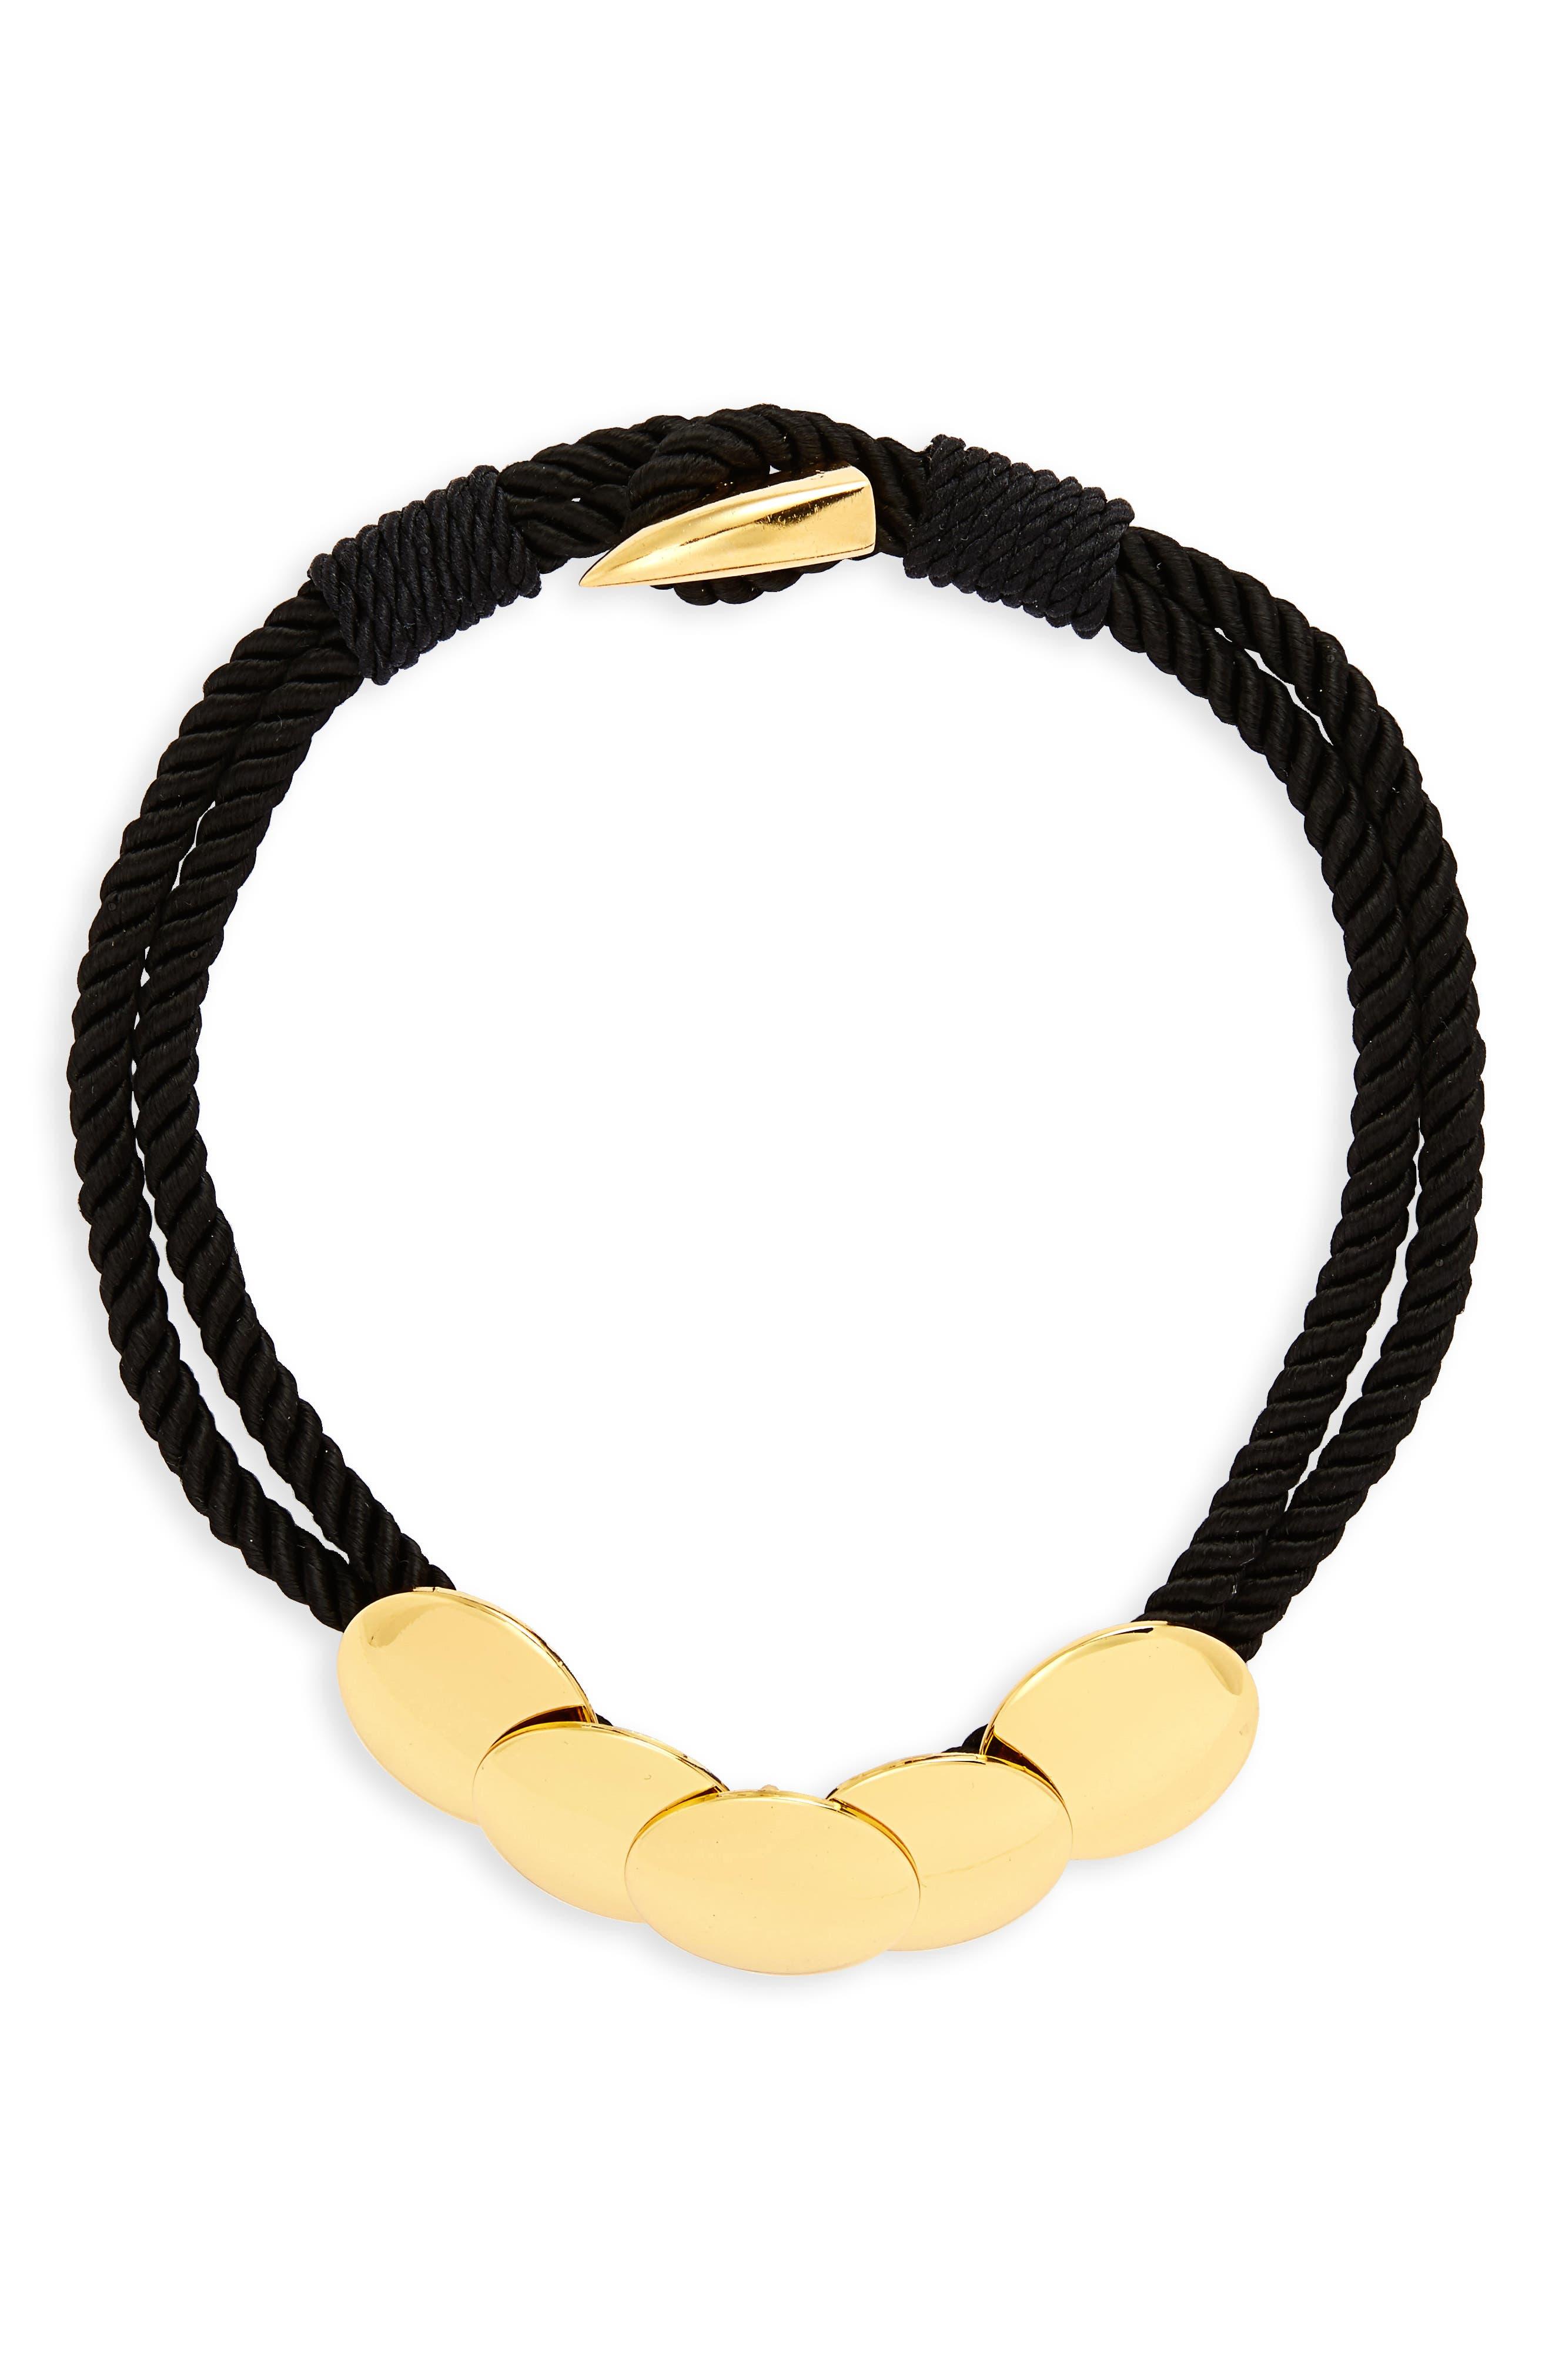 Lizzie Fortunato Hills Necklace